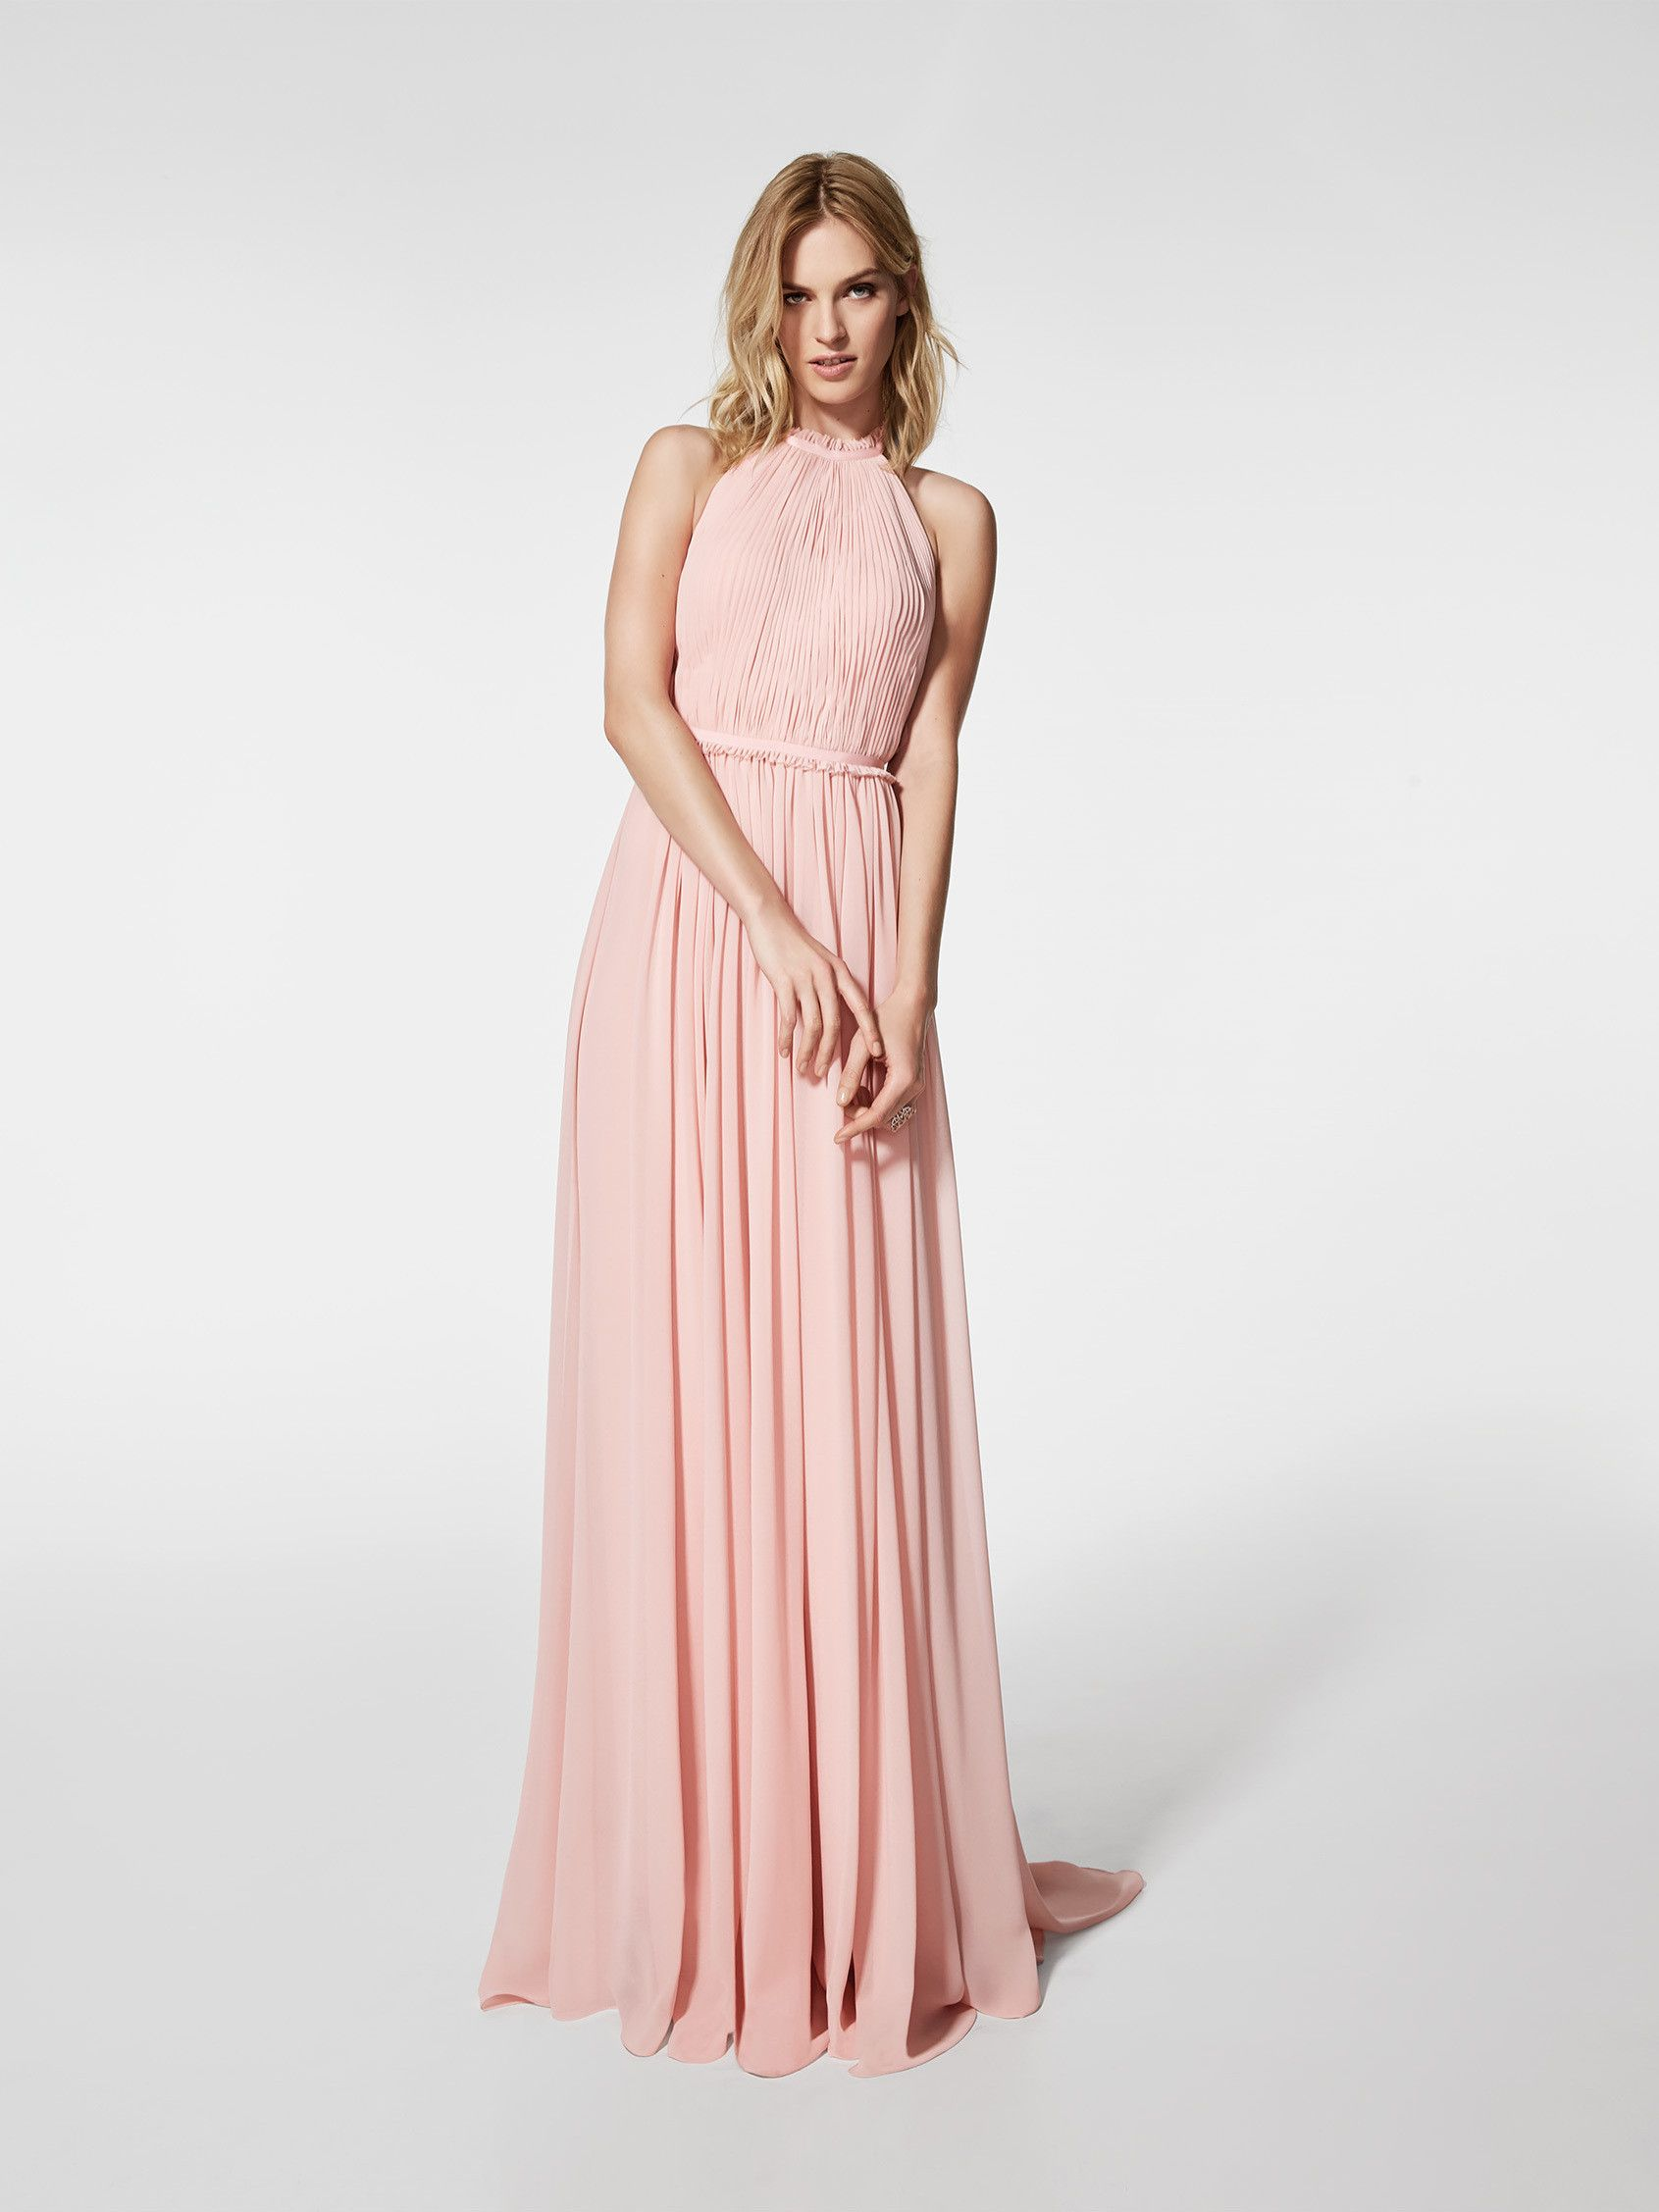 Vestido de fiesta (modelo GRAMOE) de color rosa pálido con un escote ...